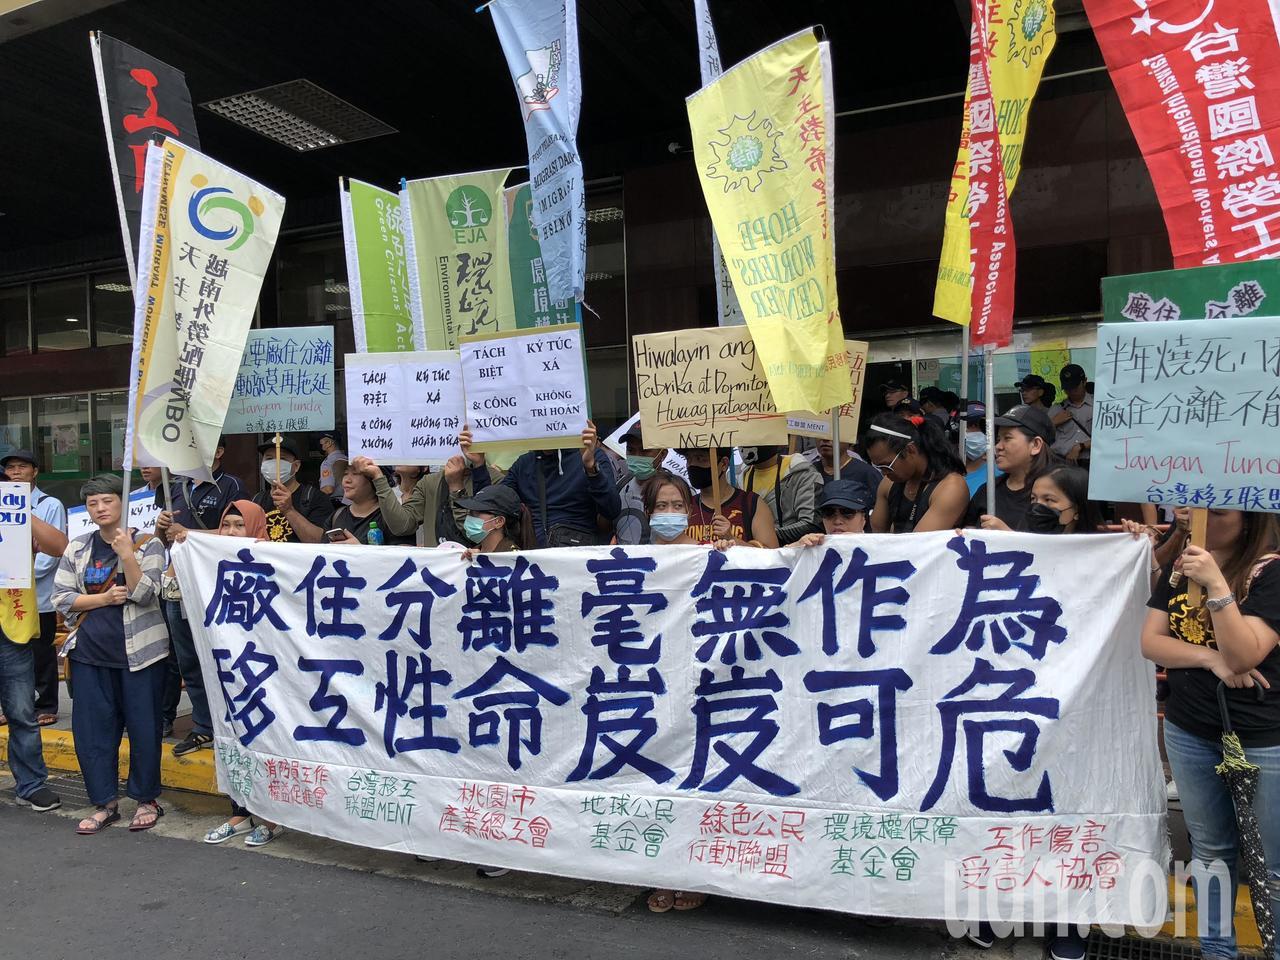 台灣國際勞工協會、消防員工作權益促進協會、工傷協會、環團等今日至勞動部抗議,認為...